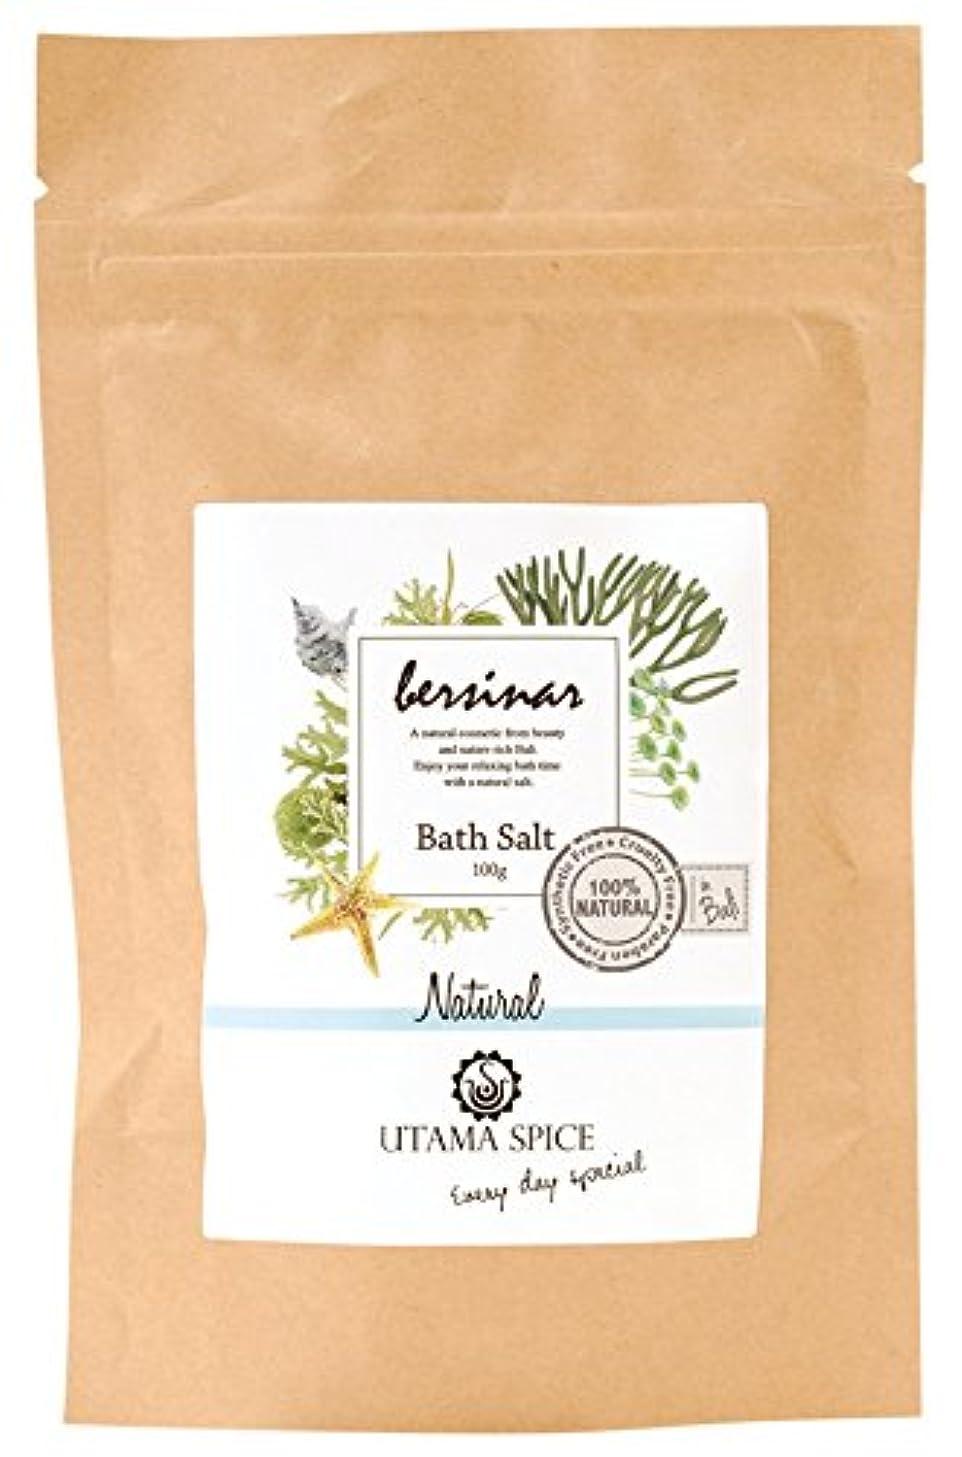 なのでに対処する強いますウタマスパイス 入浴剤 バスソルト ベルシナル 無香料 100g 2回分 OB-UTS-1-1